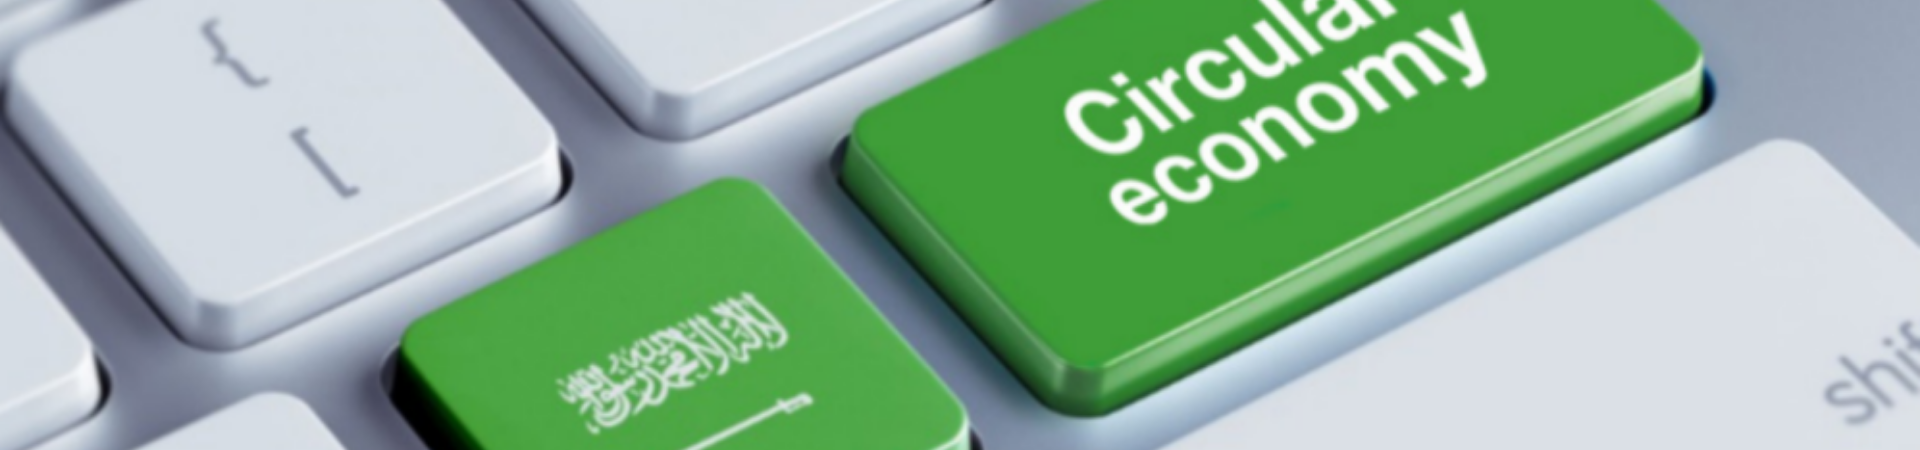 Boosting Circularity Across Saudi Arabia